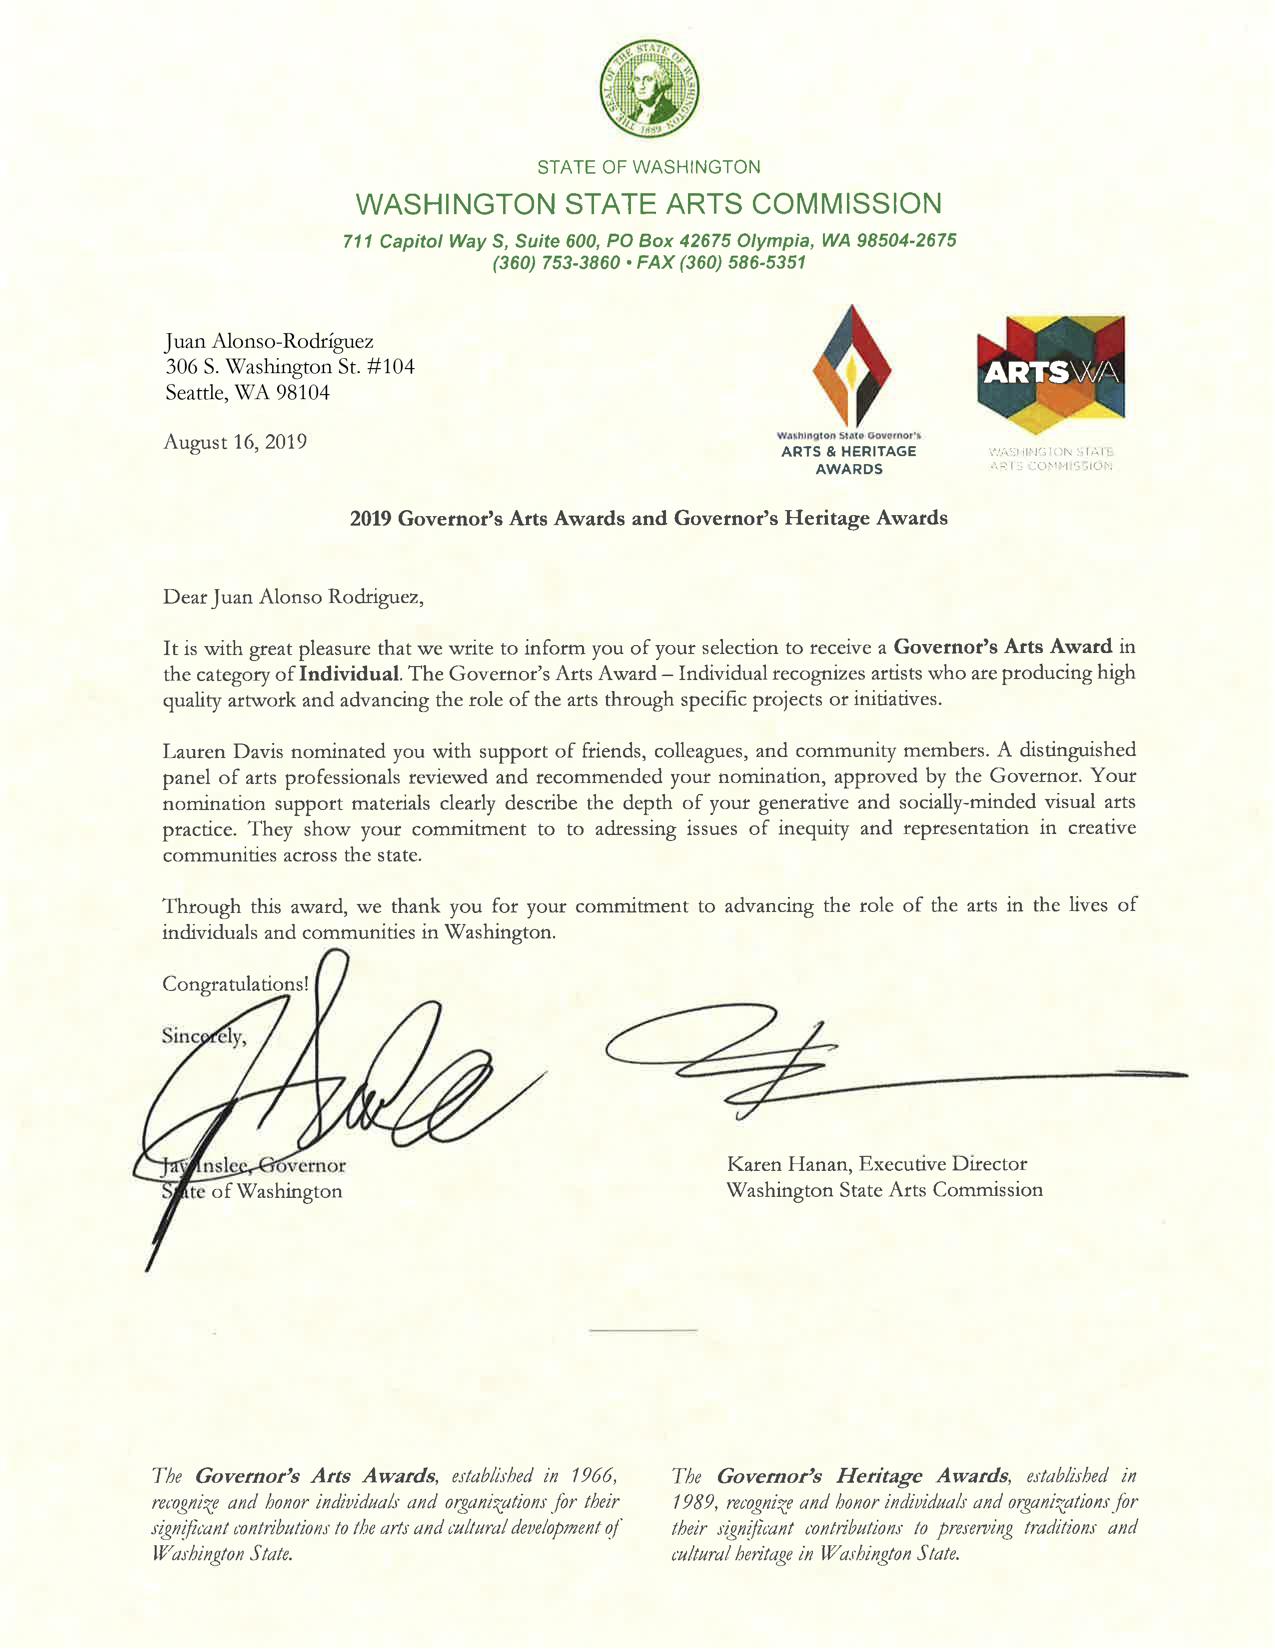 Juan Alonso-Rodriguez 2019 Award Letter.jpg